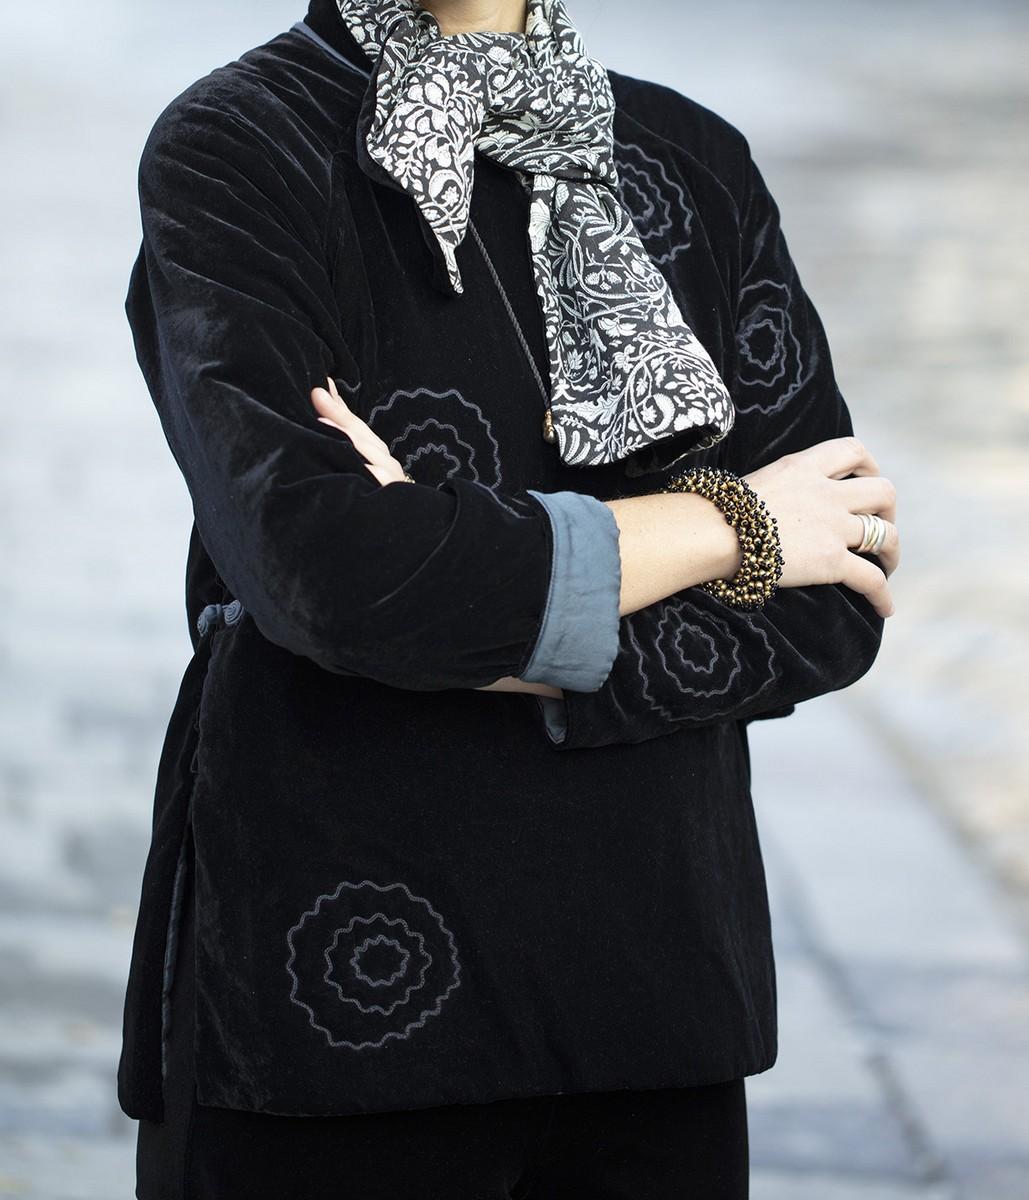 Pullover in velluto ricamato / sciarpa in velluto e seta stampata a mano